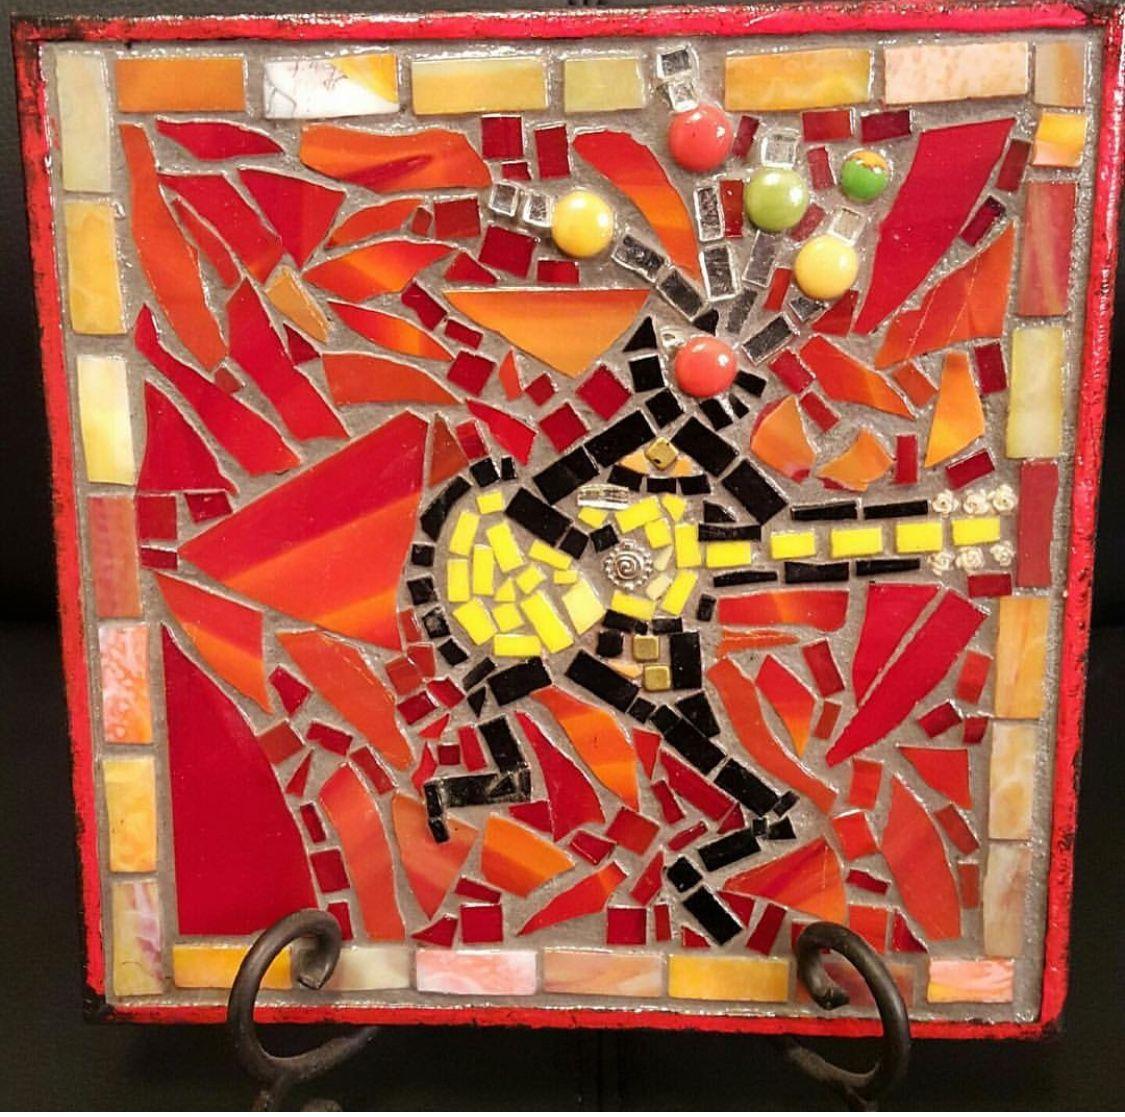 26 Pin by clauvrarei on mosaic wall art   Mosaic wall art, Mosaic art ...